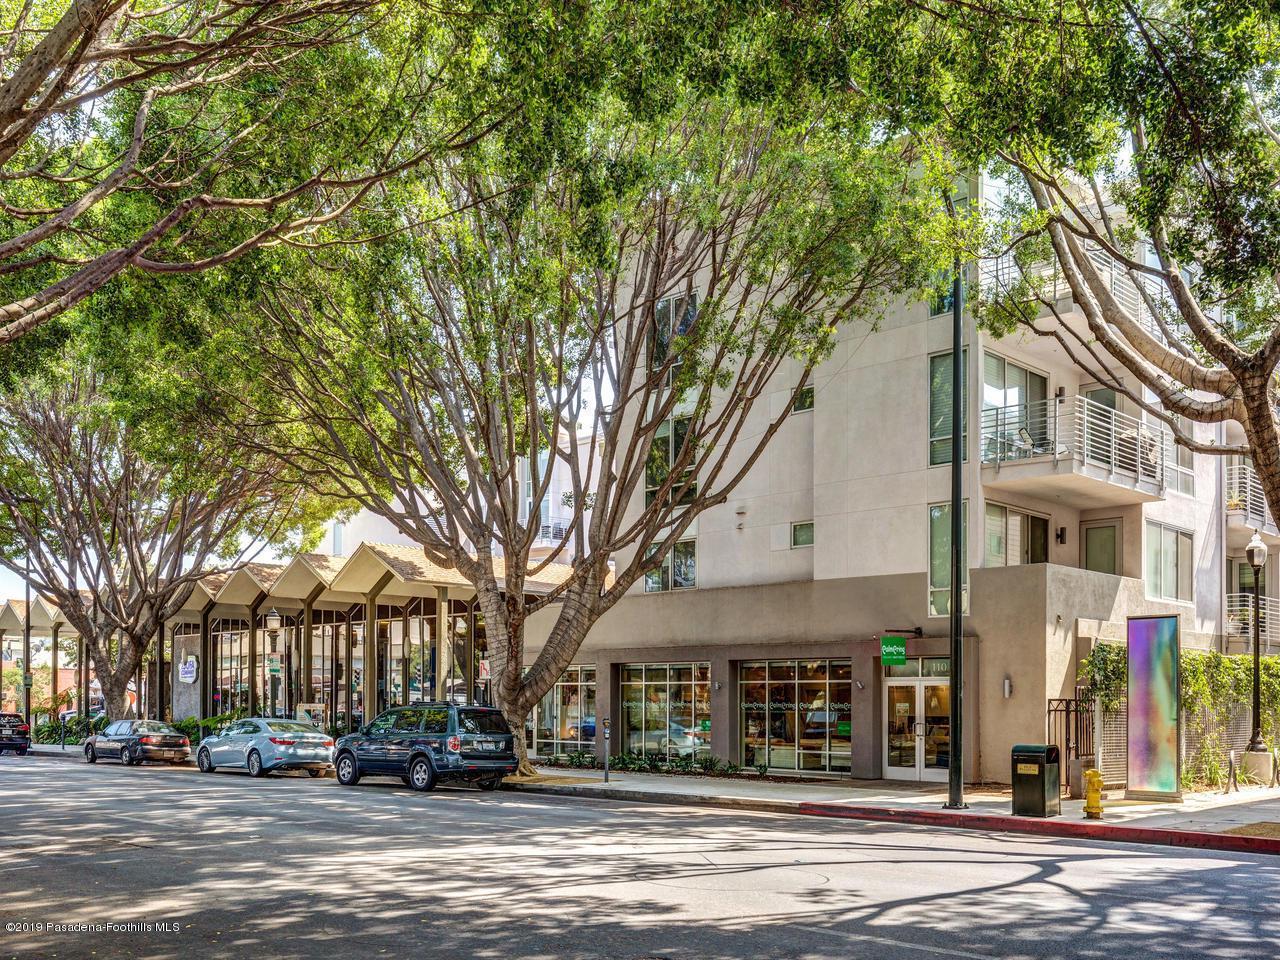 111 DE LACEY, Pasadena, CA 91105 - Building-Green Street